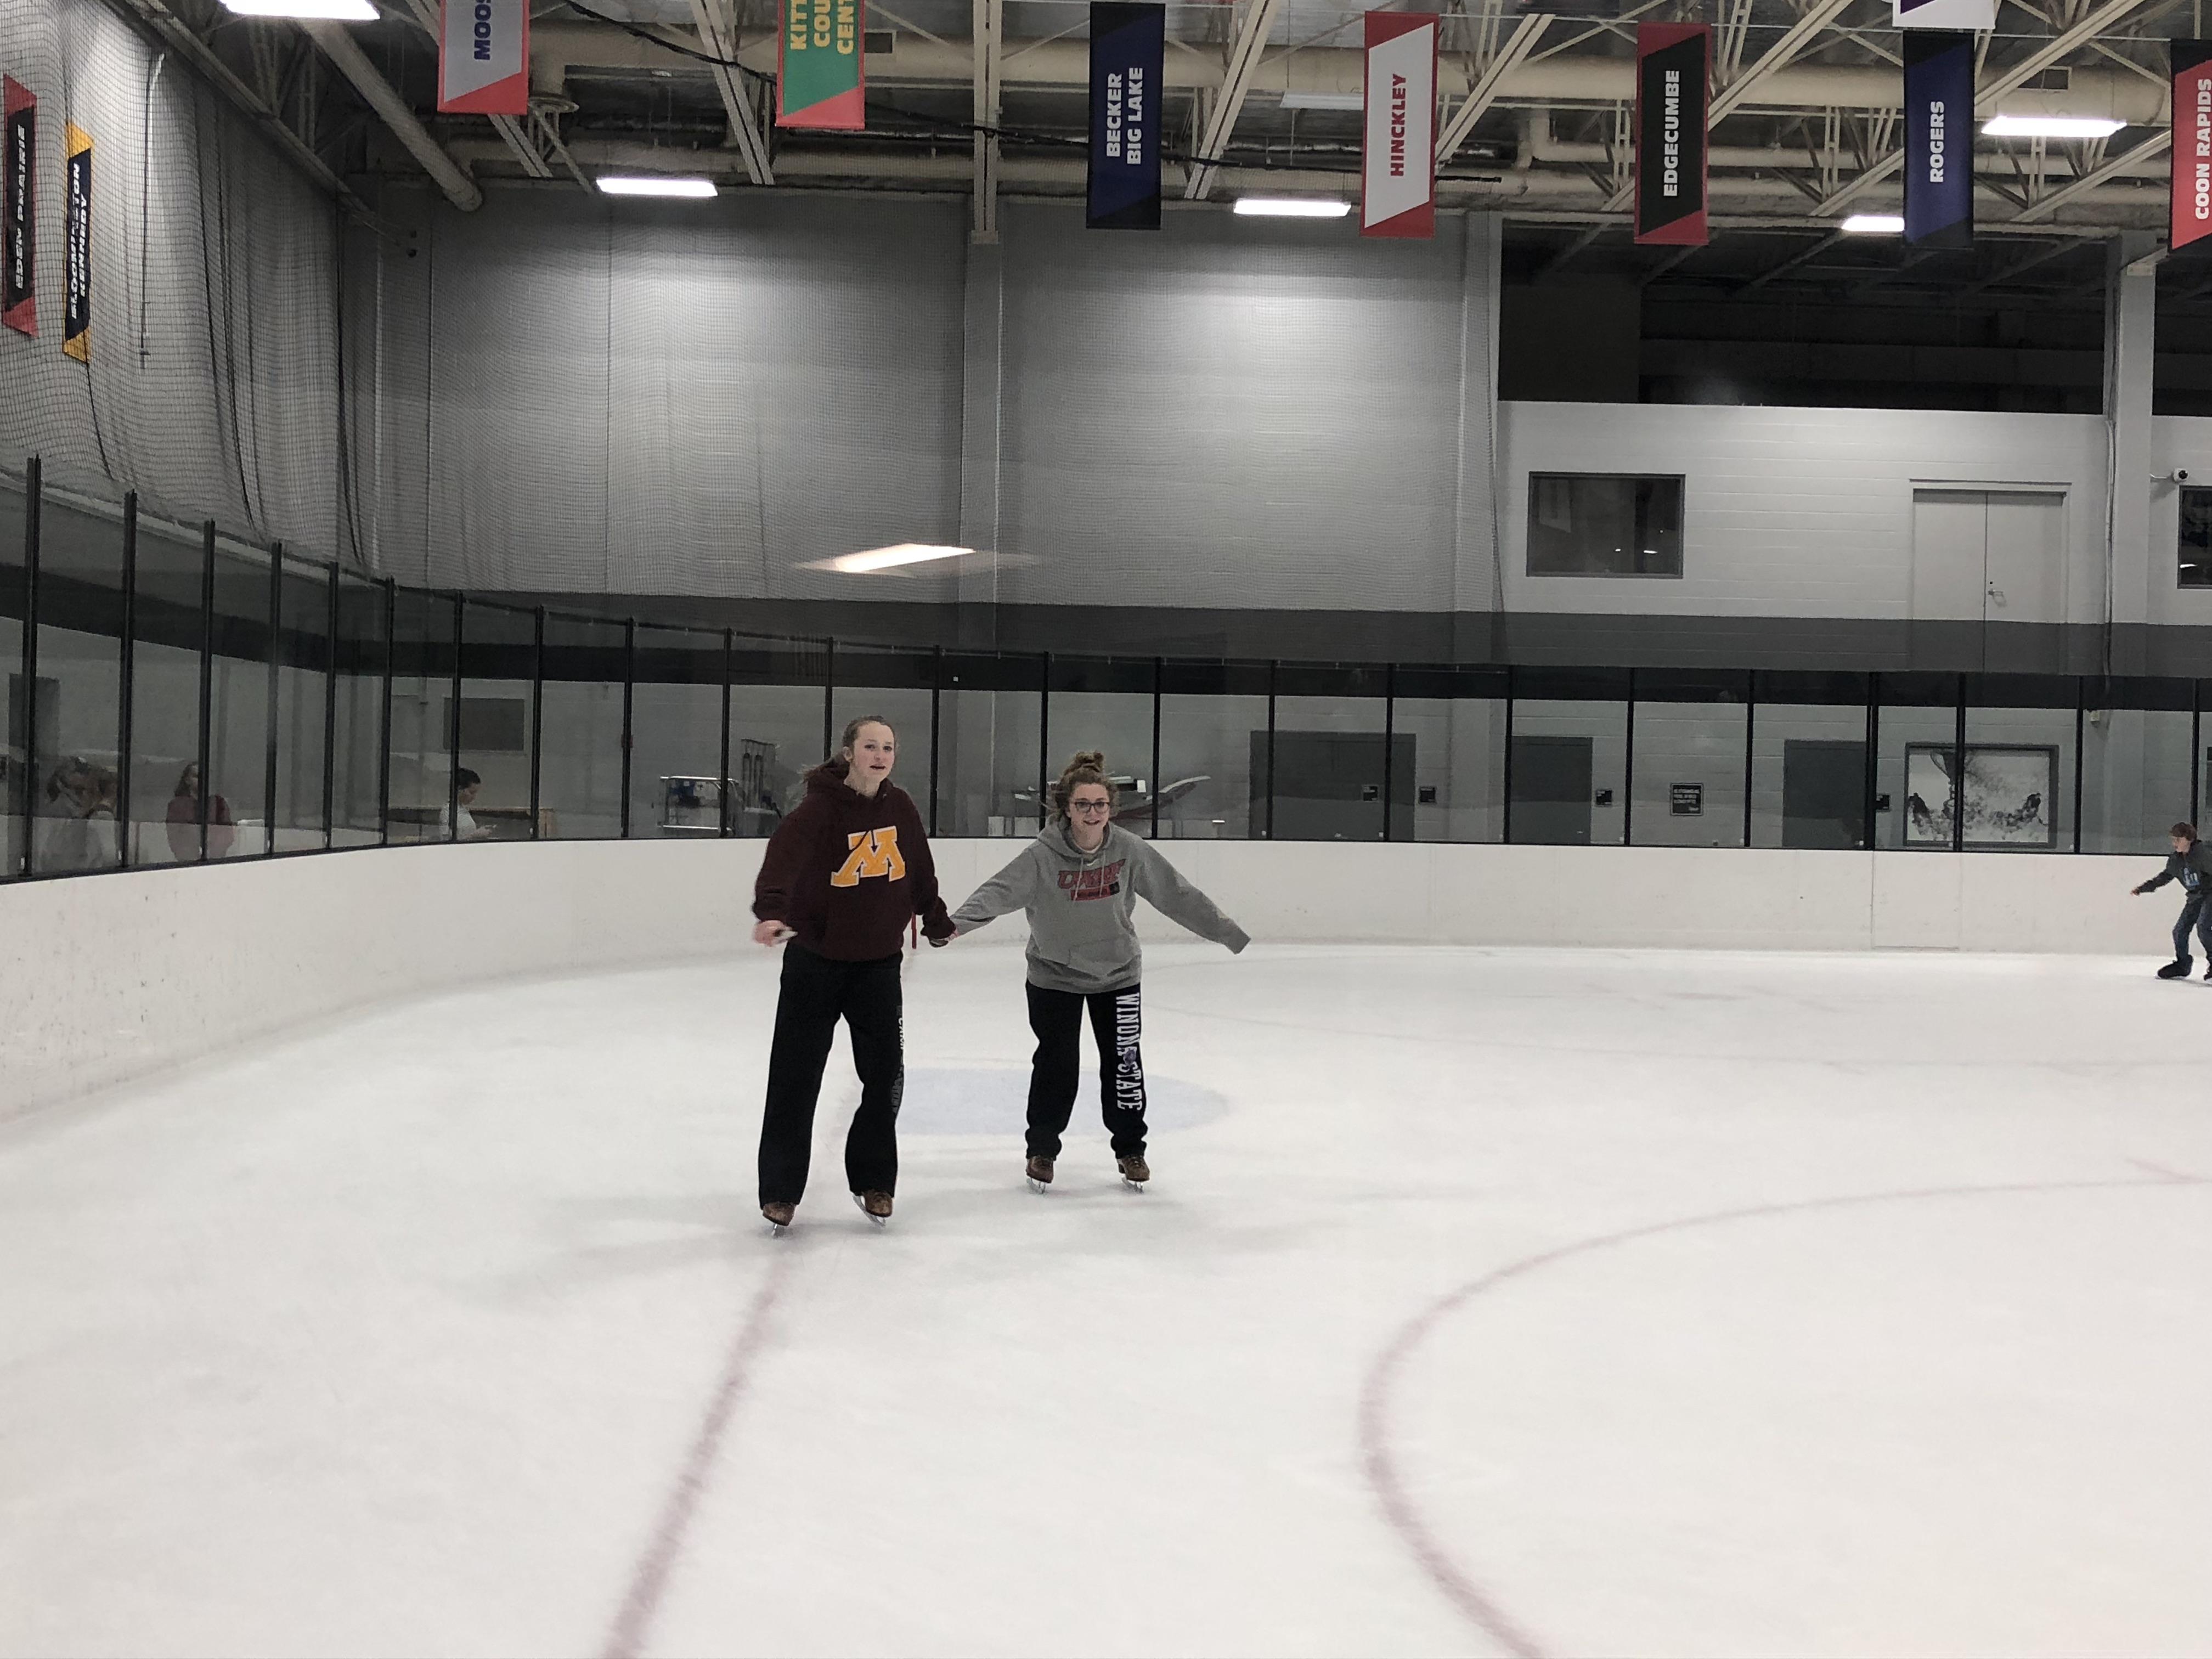 skating at mm